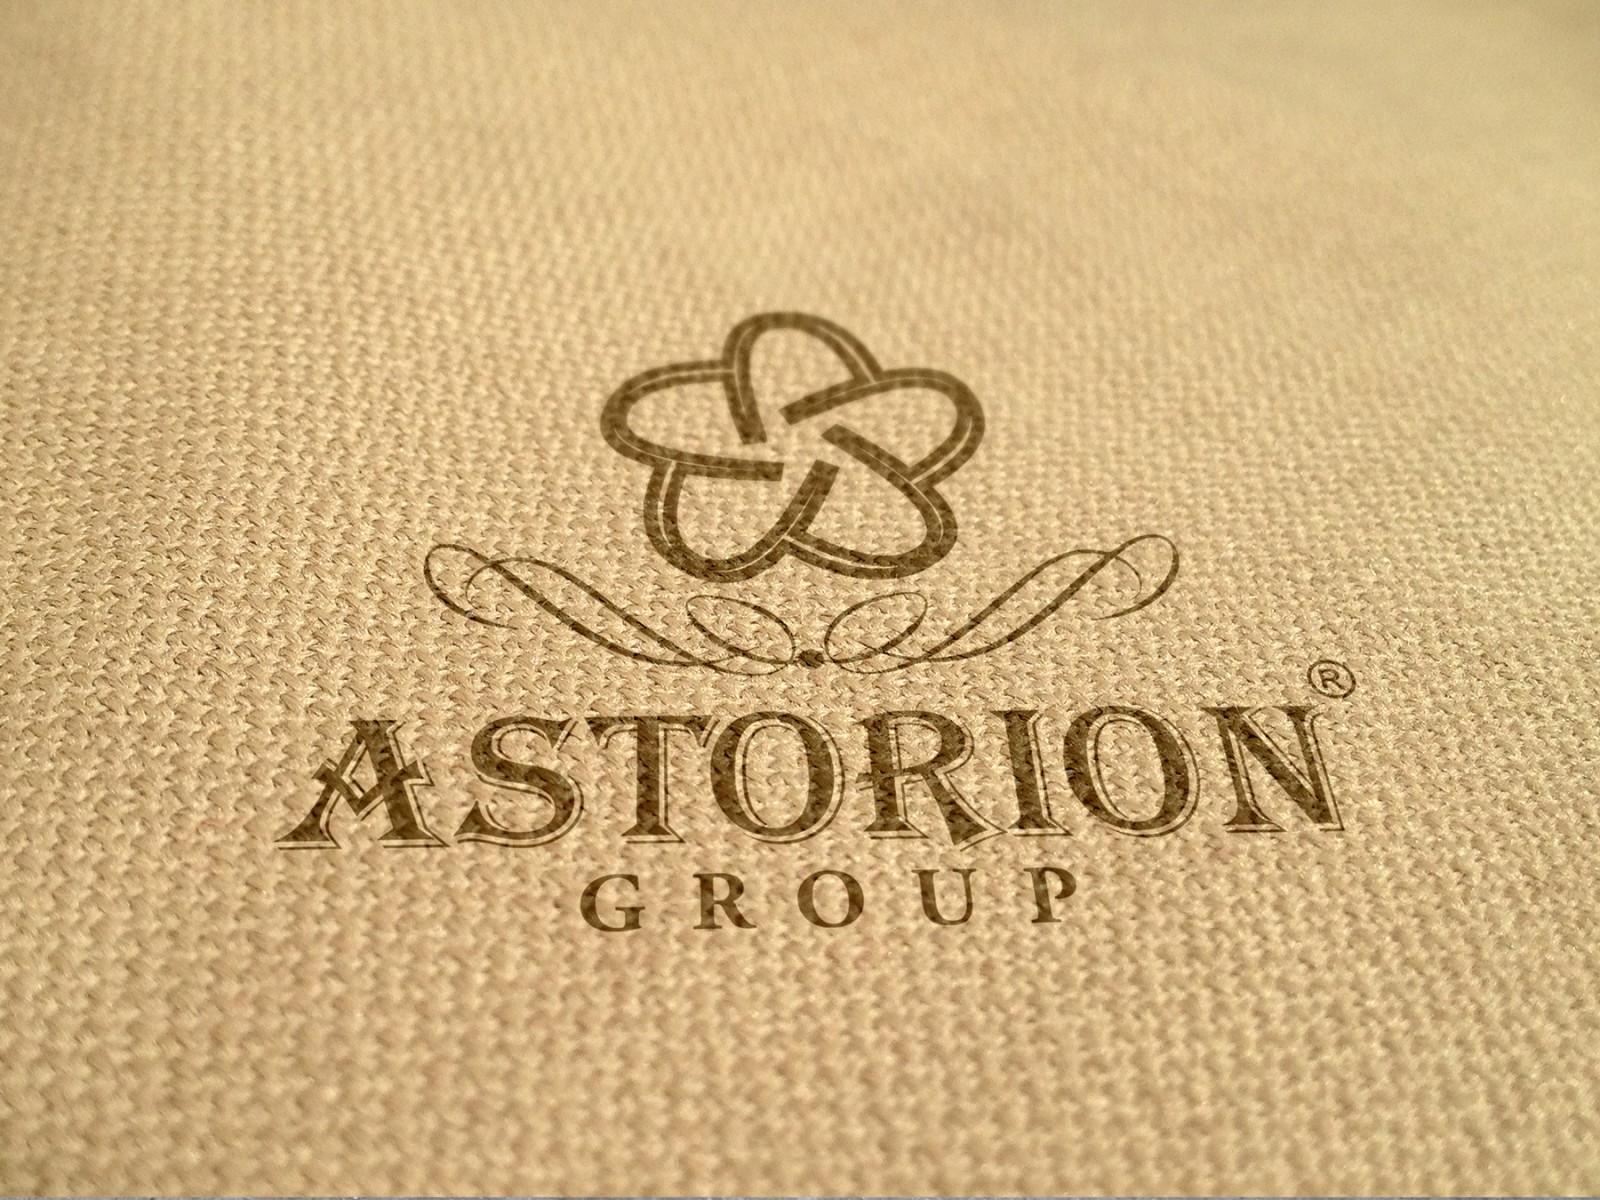 astorion2